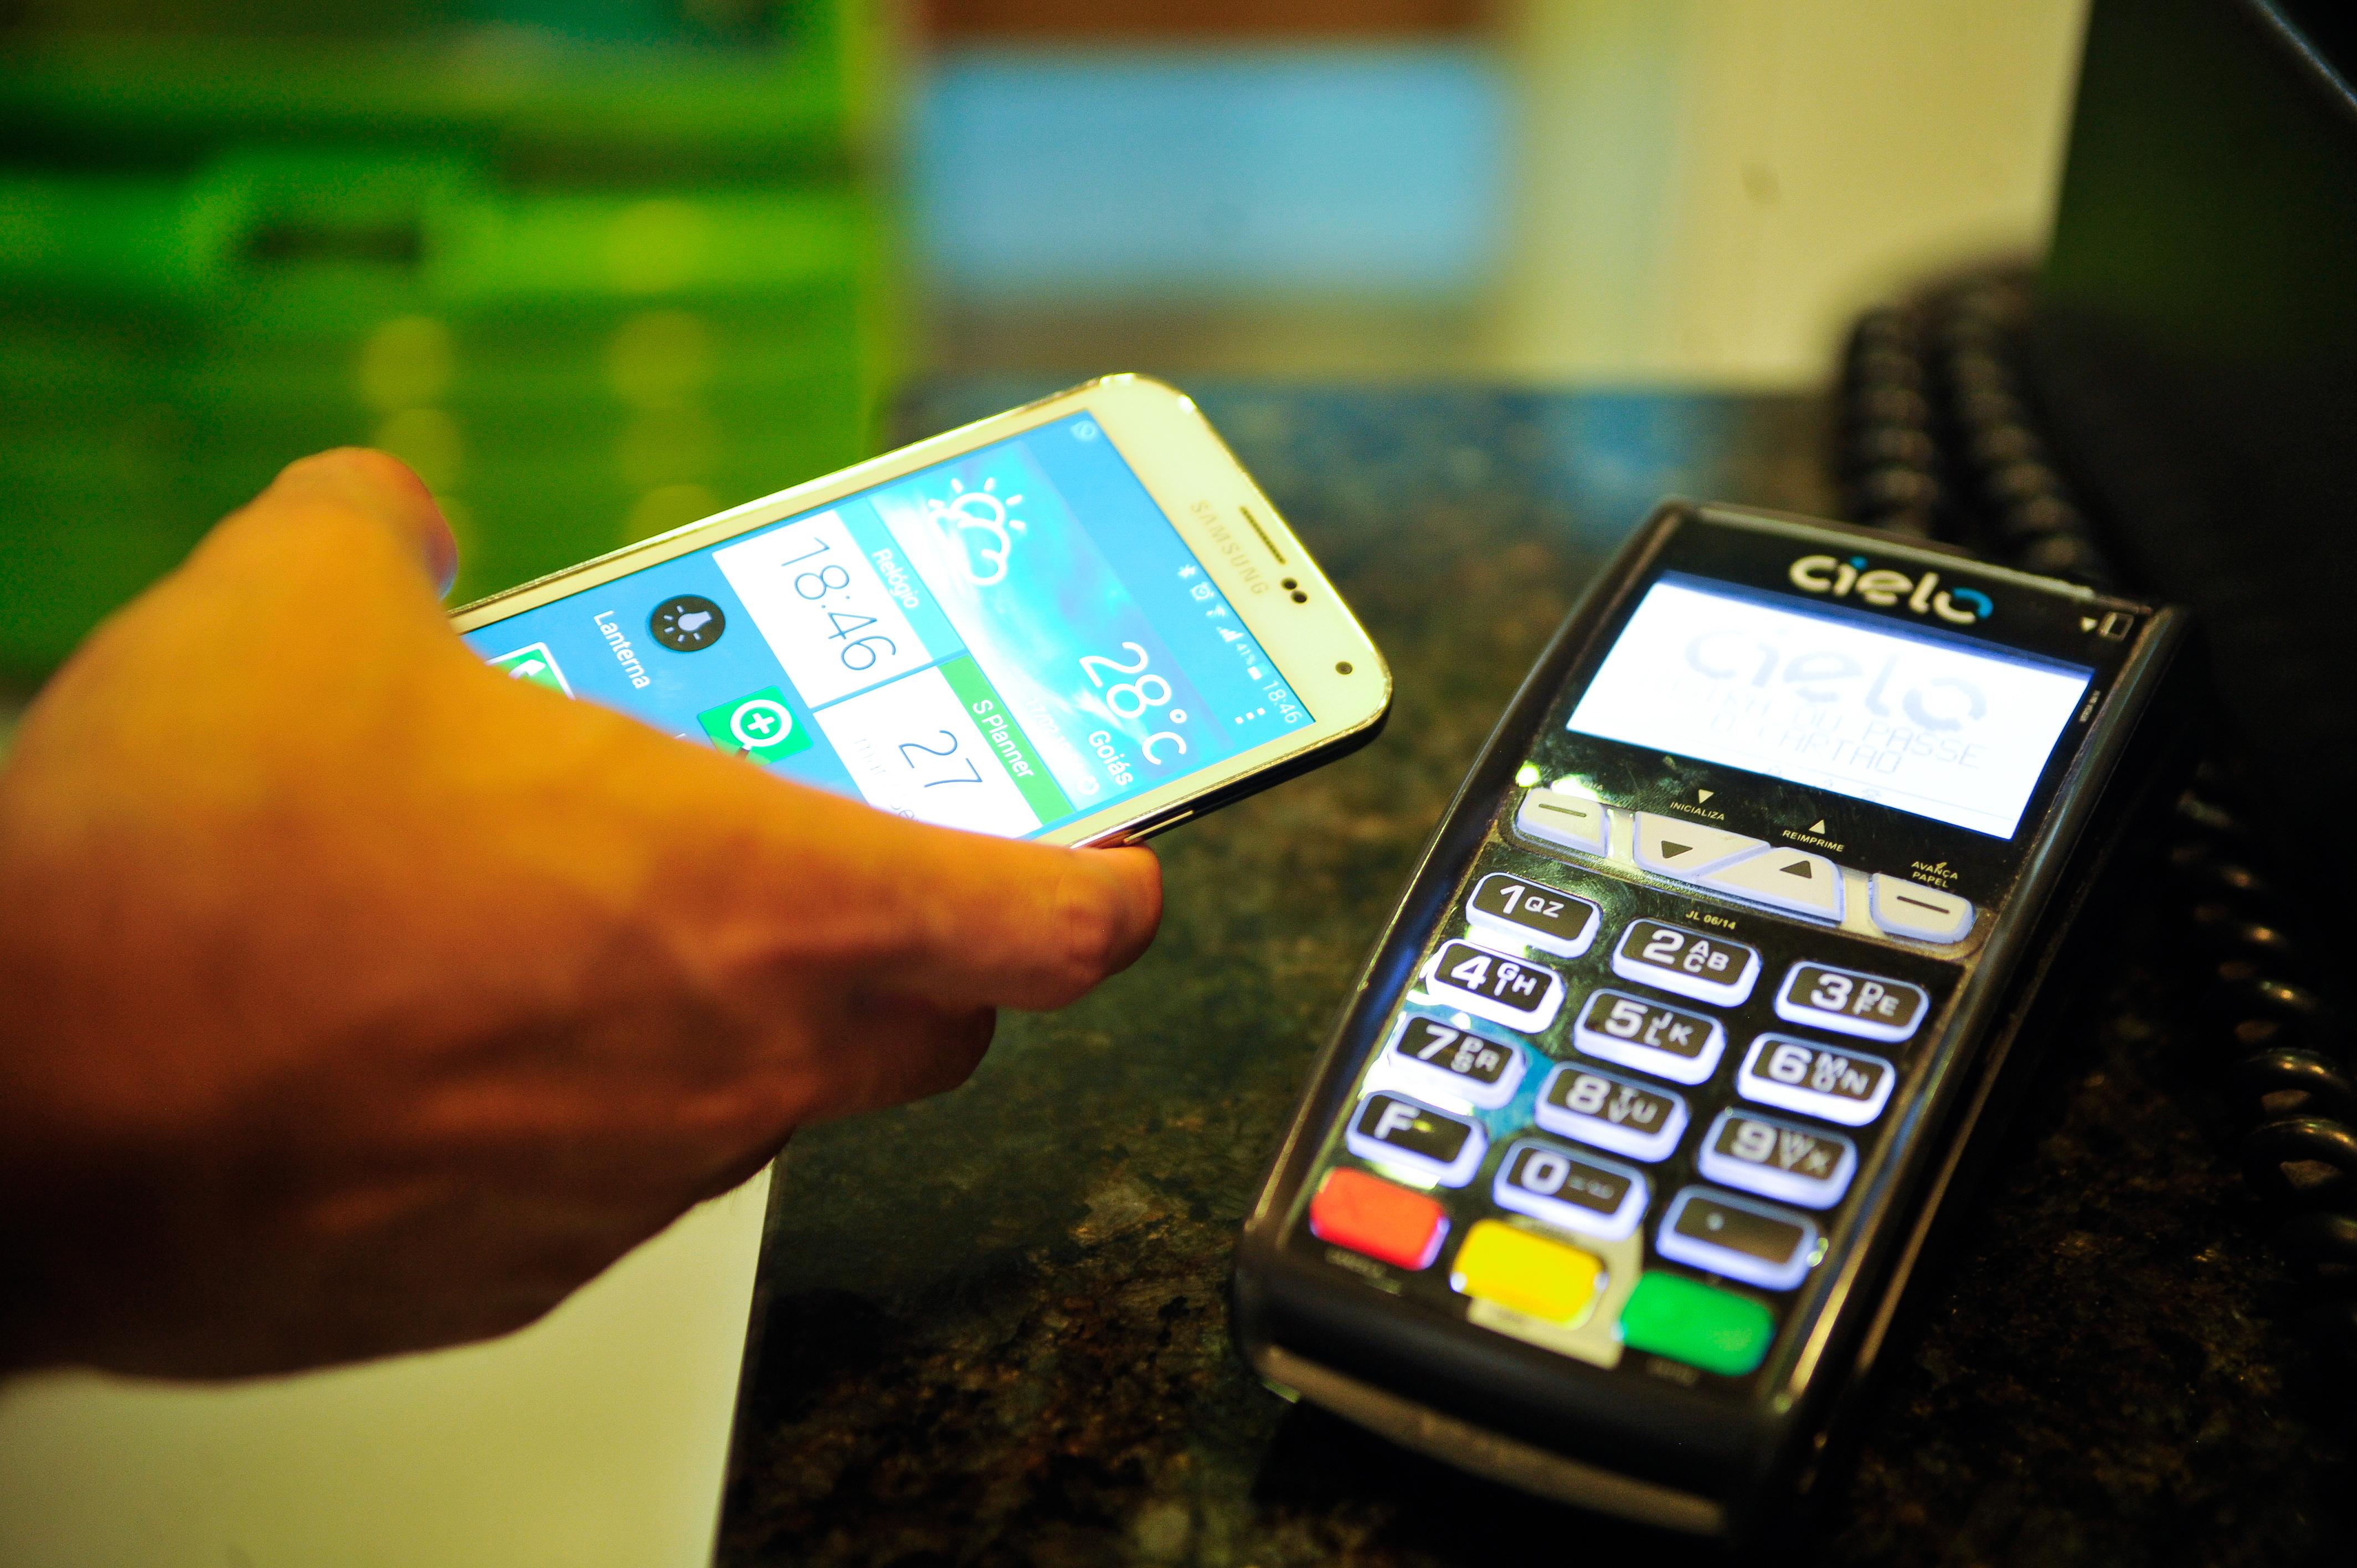 d54e744c90c44 Pagamento de compras por meio de smartphones chega ao Brasil ...